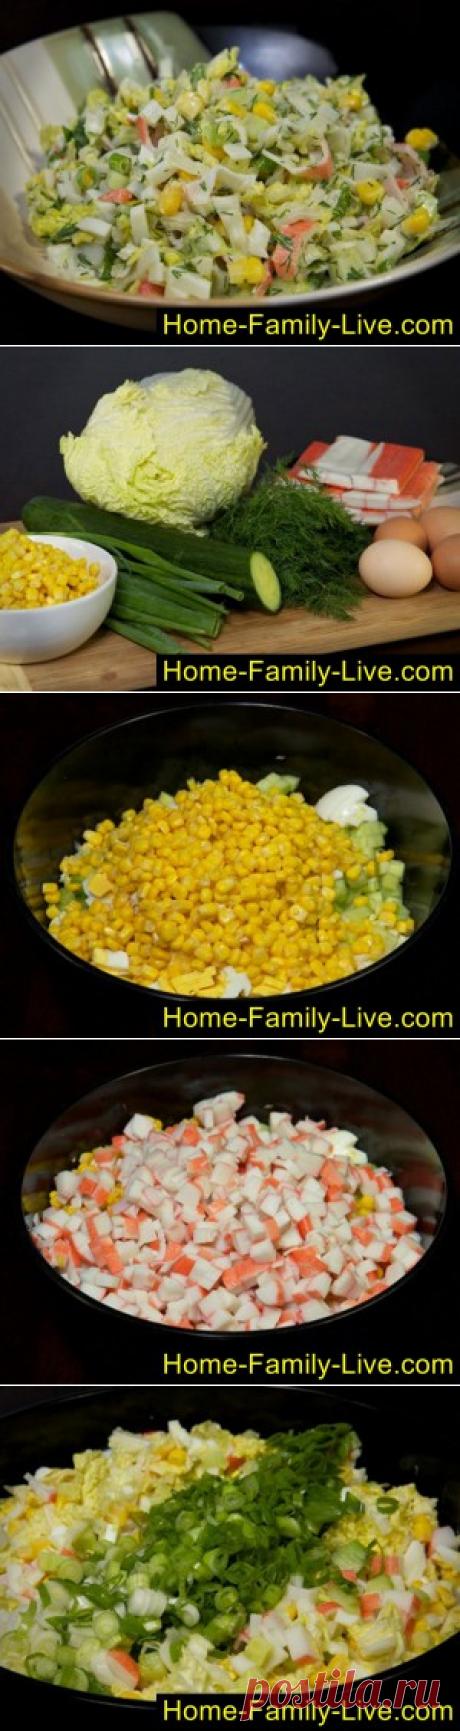 Салат из крабовых палочек с огурцом/Сайт с пошаговыми рецептами с фото для тех кто любит готовить